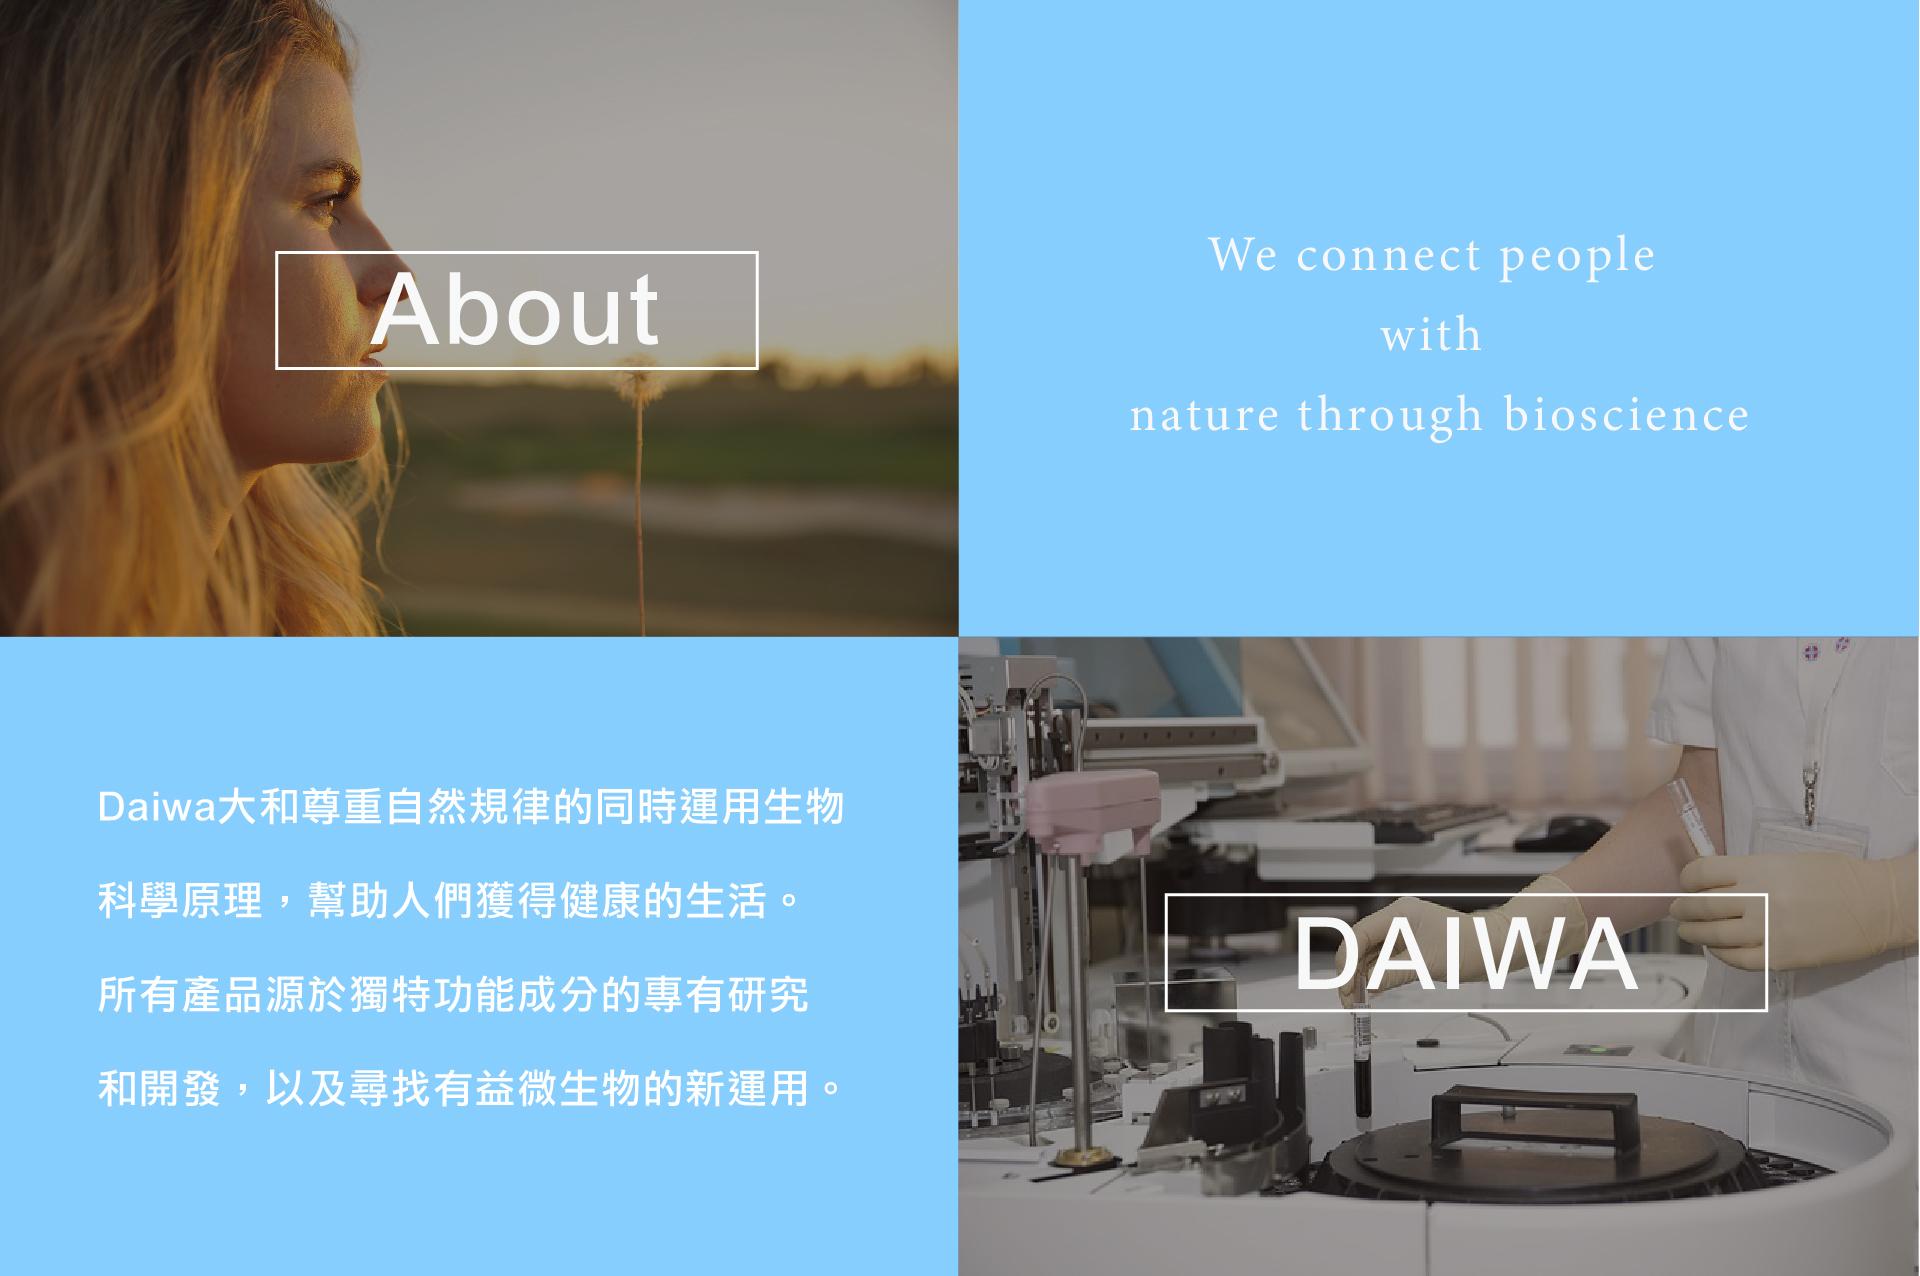 About Daiwa 大和